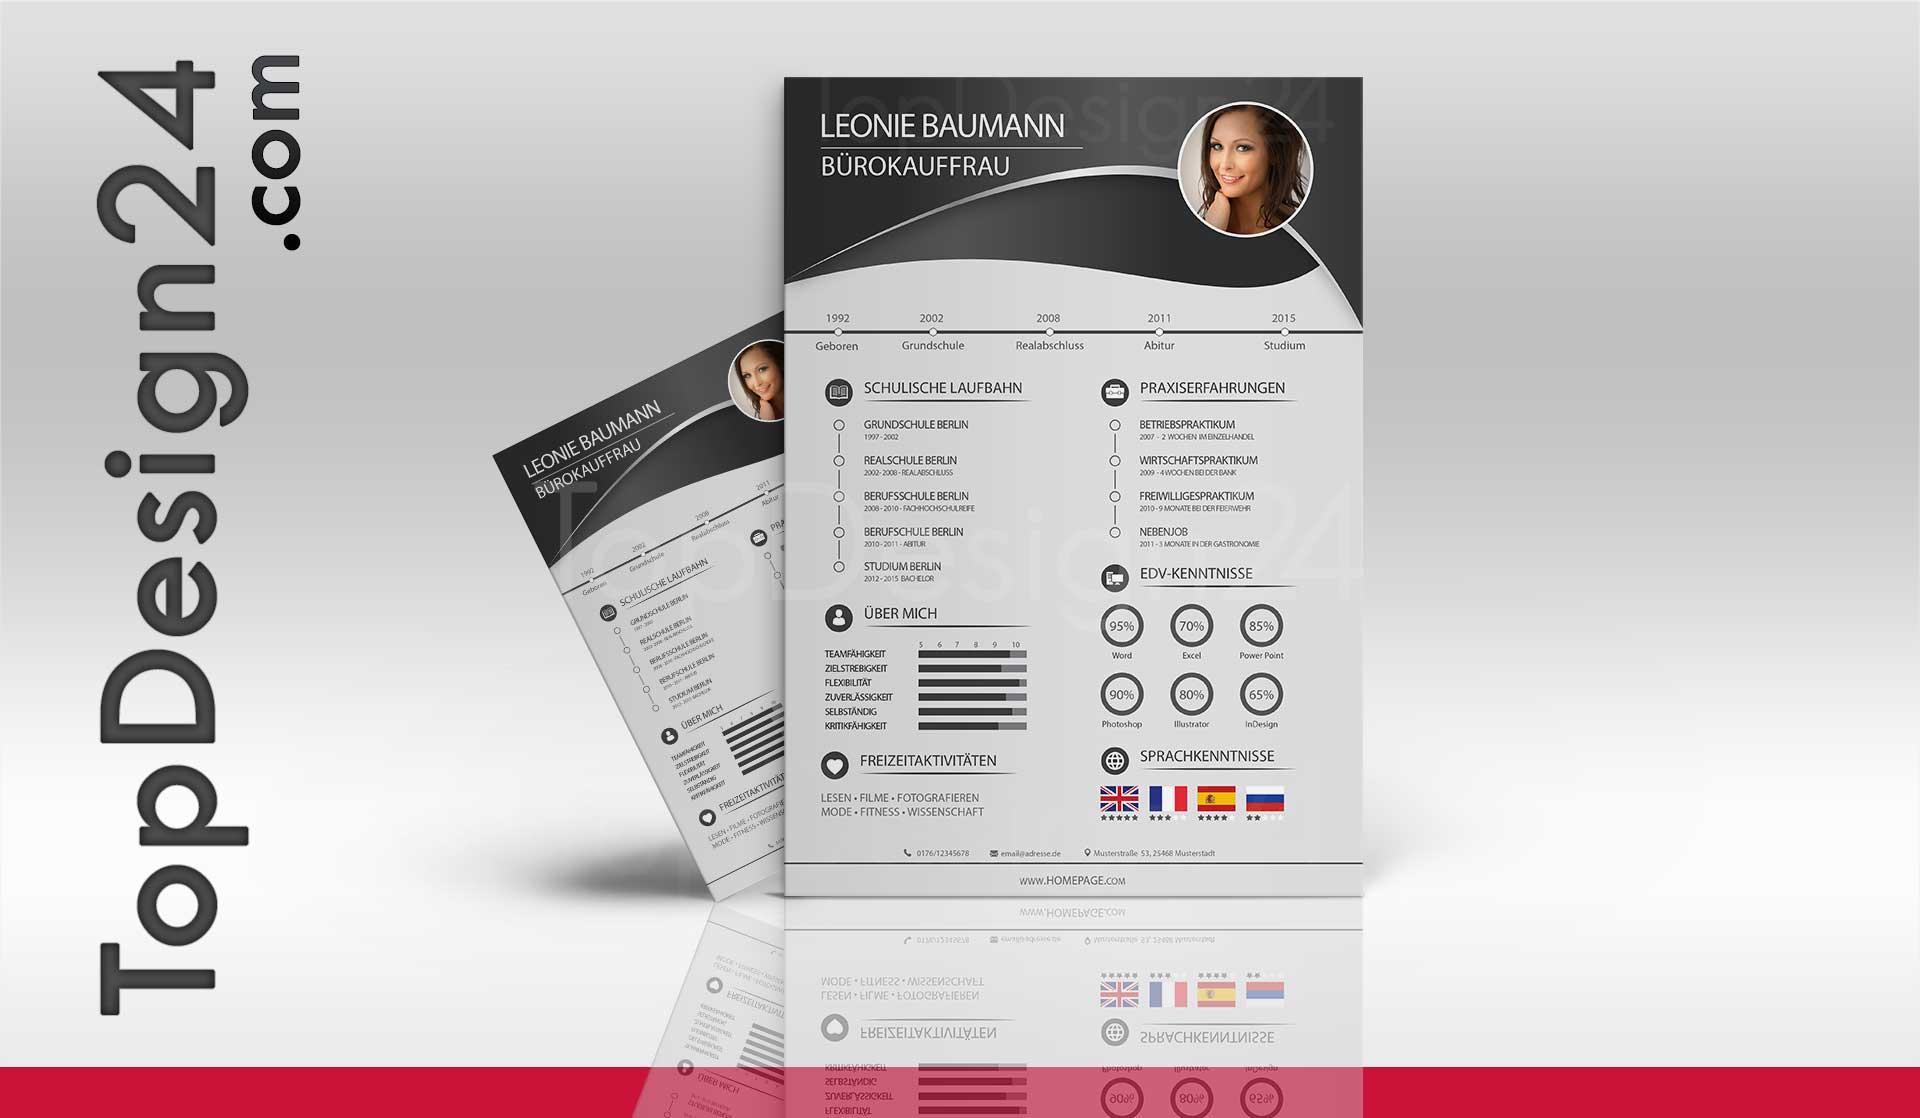 Berühmt Beispiel Lebenslauf Designberater Bilder - Beispiel ...